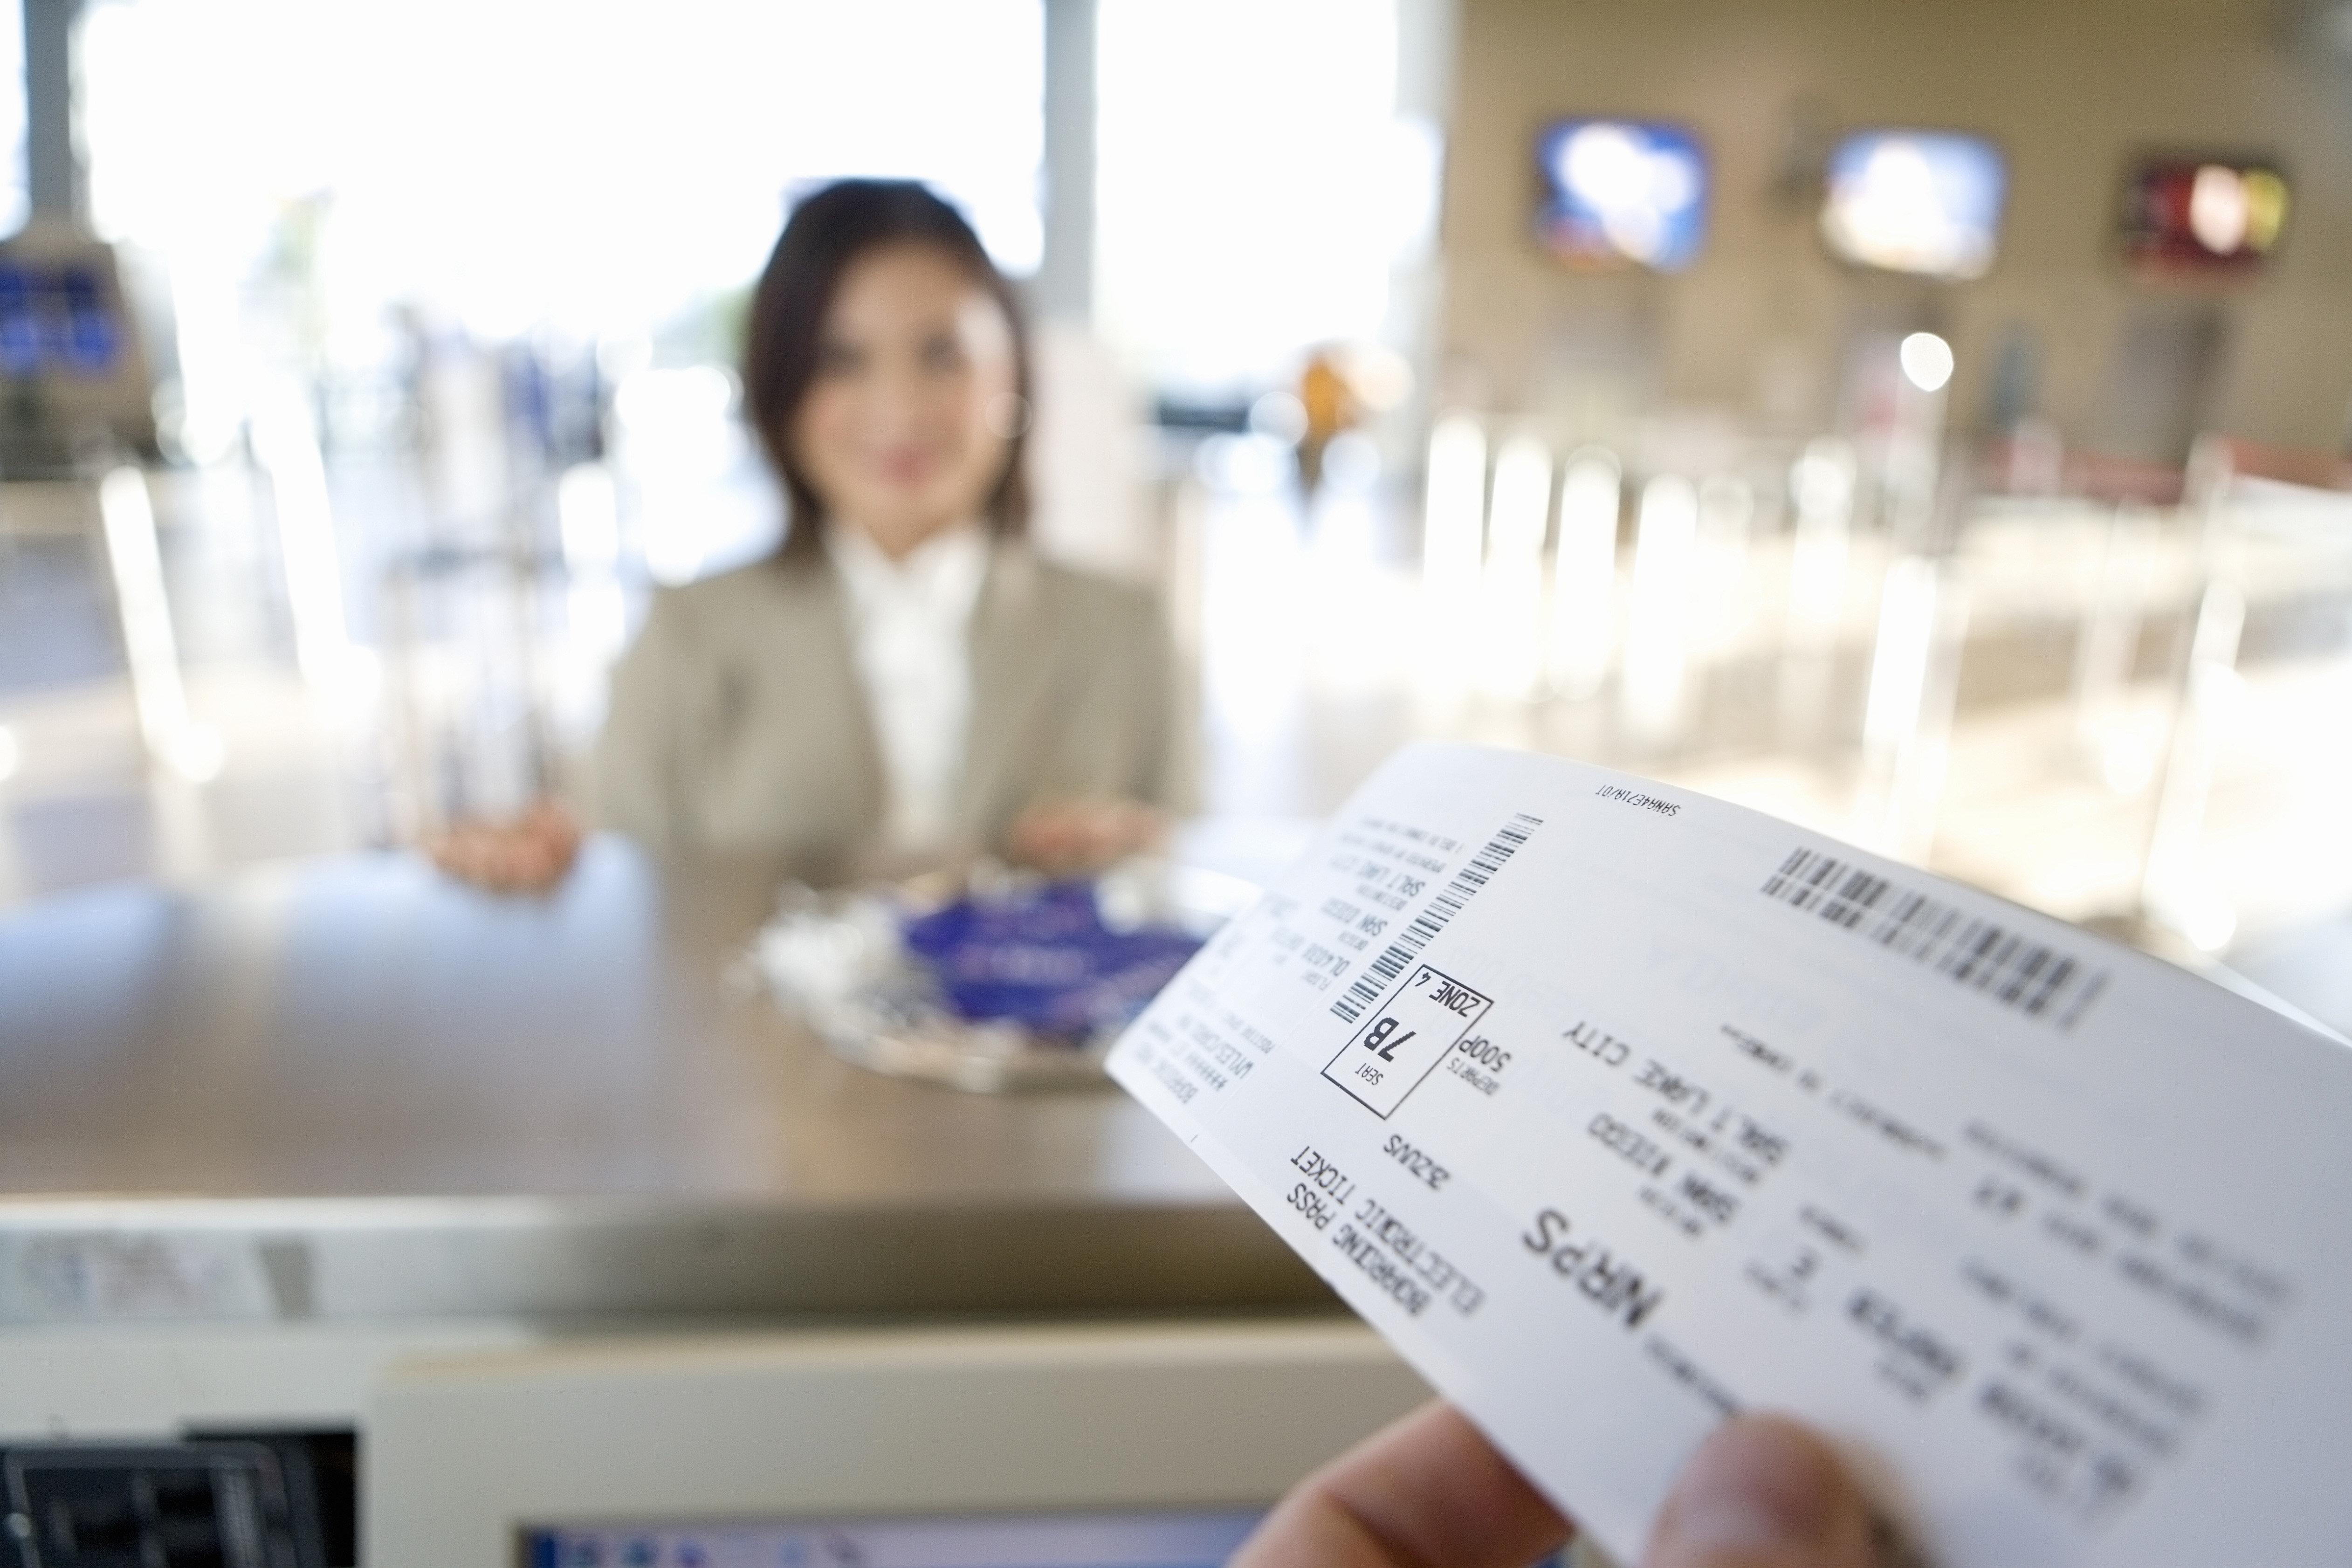 Flughafenmitarbeiterin wird stutzig, als sie ein Flugticket sieht – und rettet damit 2 Mädchen das Leben